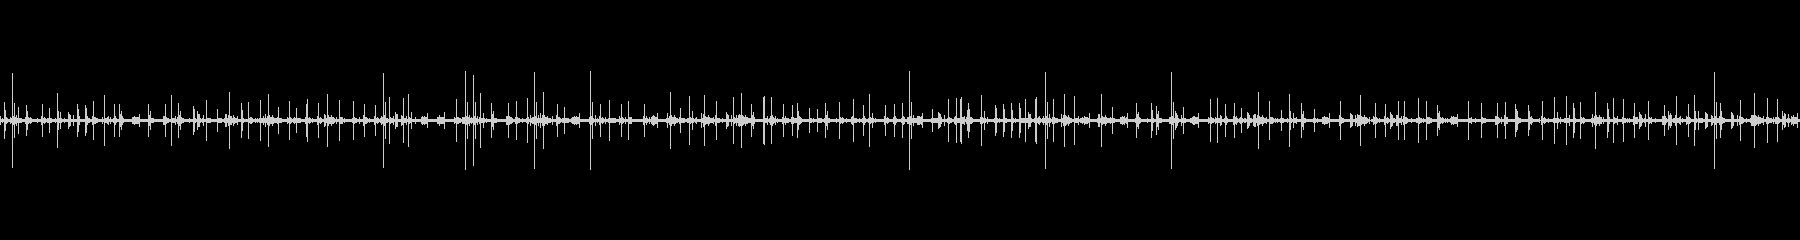 レコードノイズ Lofi ヴァイナル11の未再生の波形